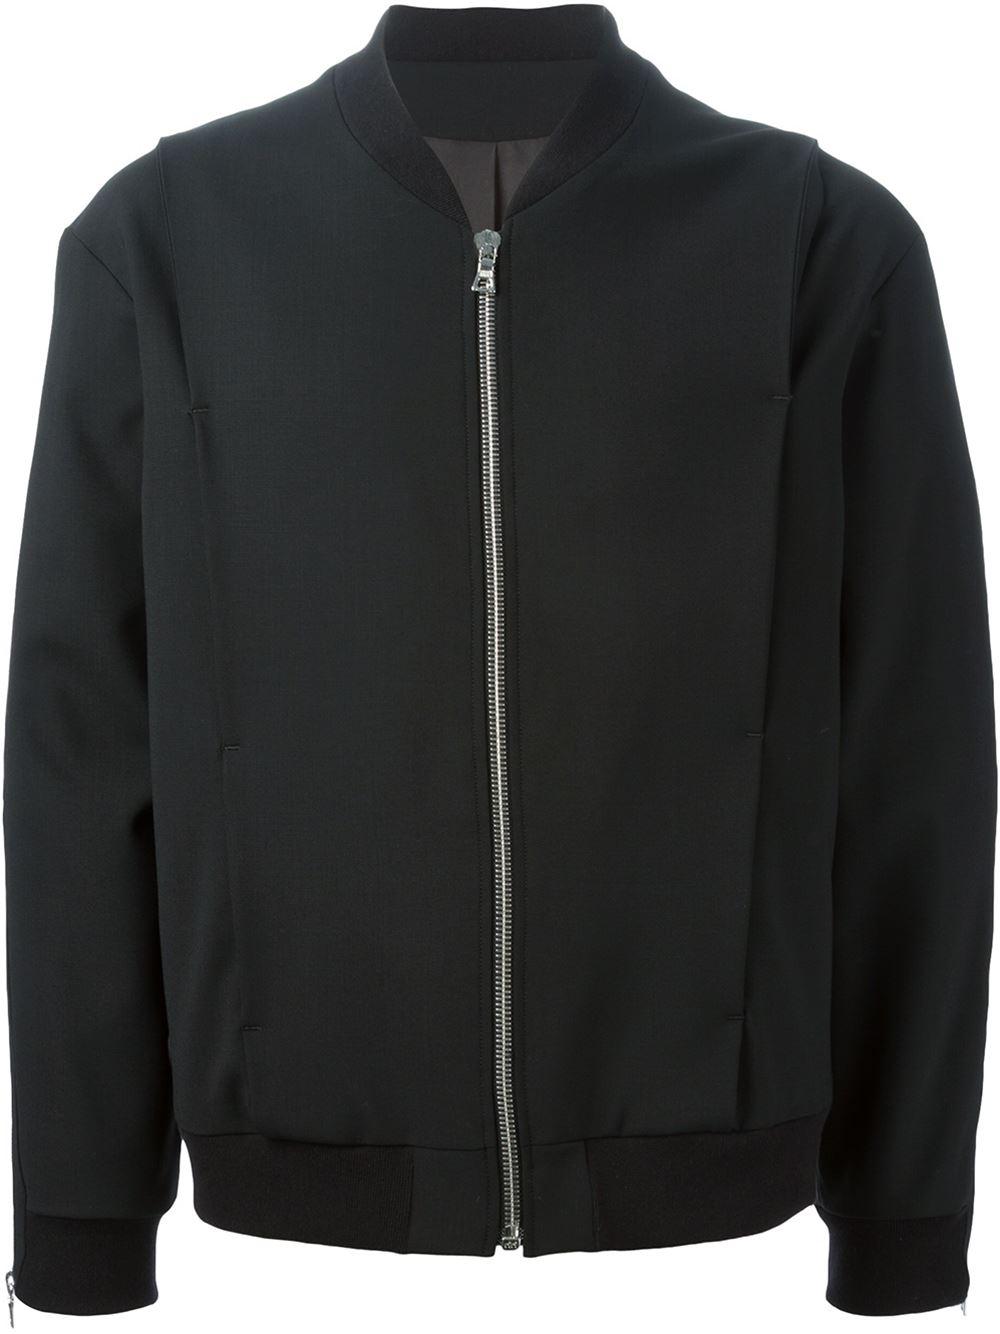 Public School Bomber Jacket In Black For Men Lyst